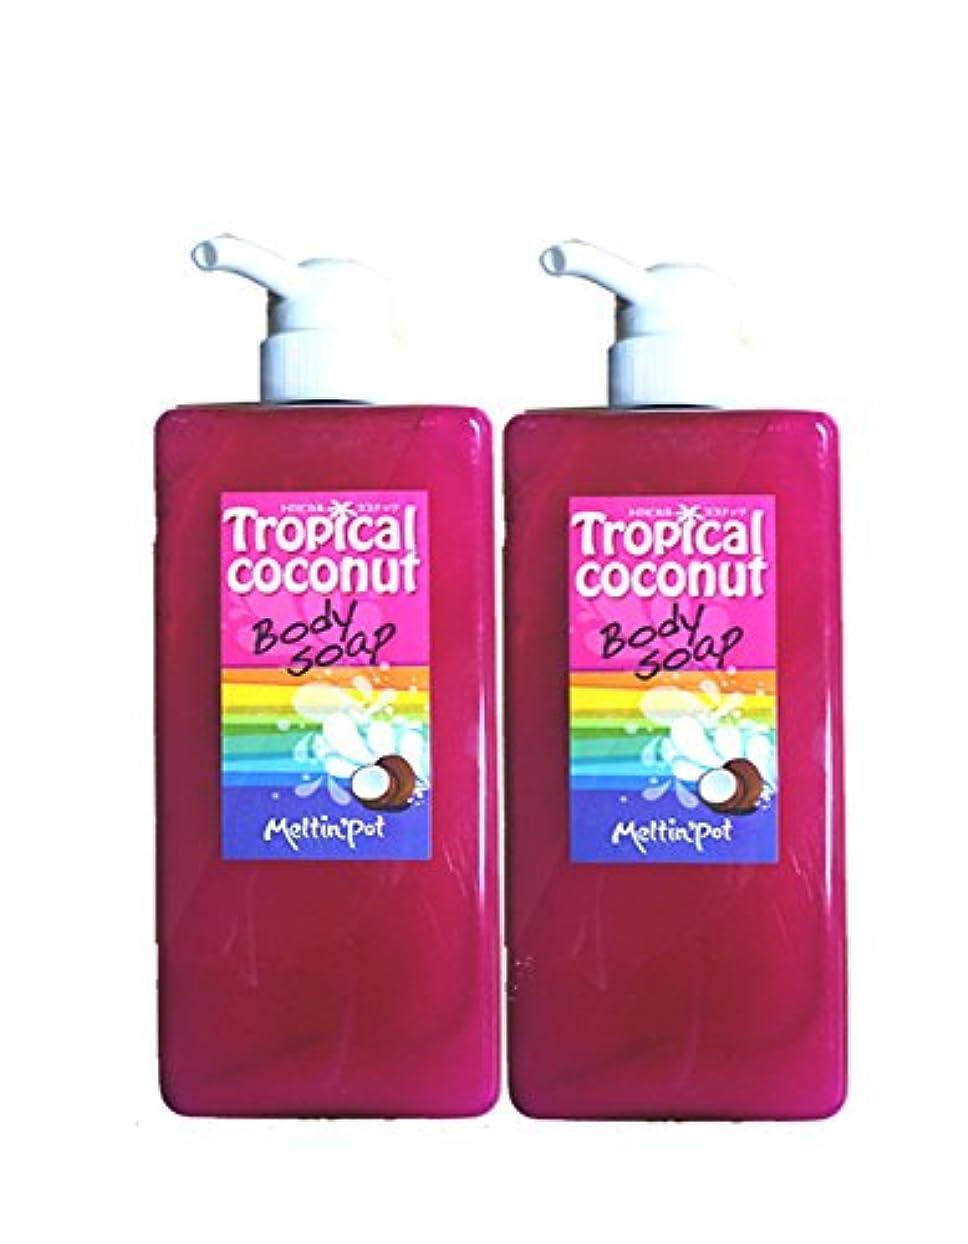 潤滑する口実お願いしますトロピカルココナッツ ボディソープ 600ml*2セット Tropical coconut Body Soap 加齢臭に!